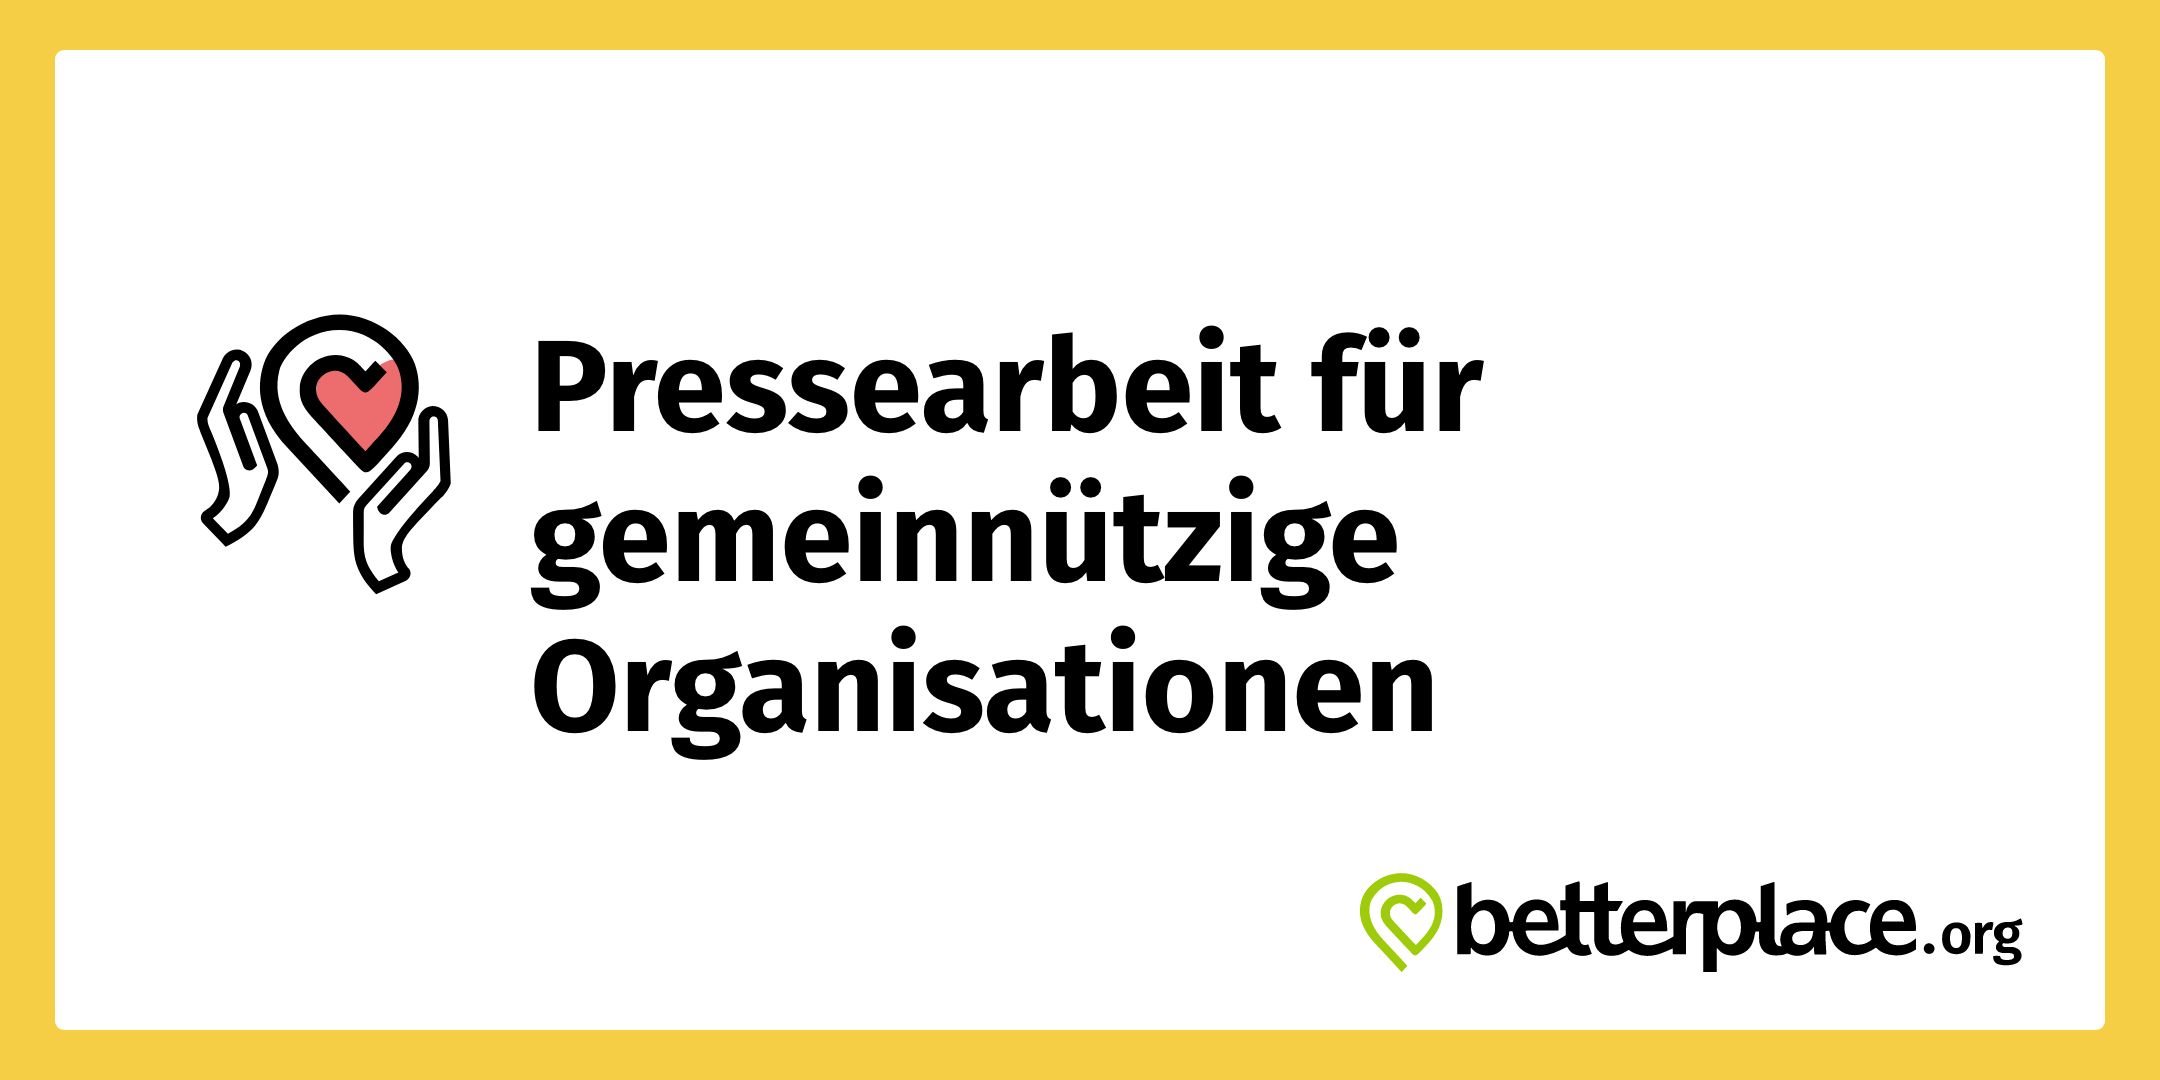 betterplace.org Pressearbeit für gemeinnützige Organisationen